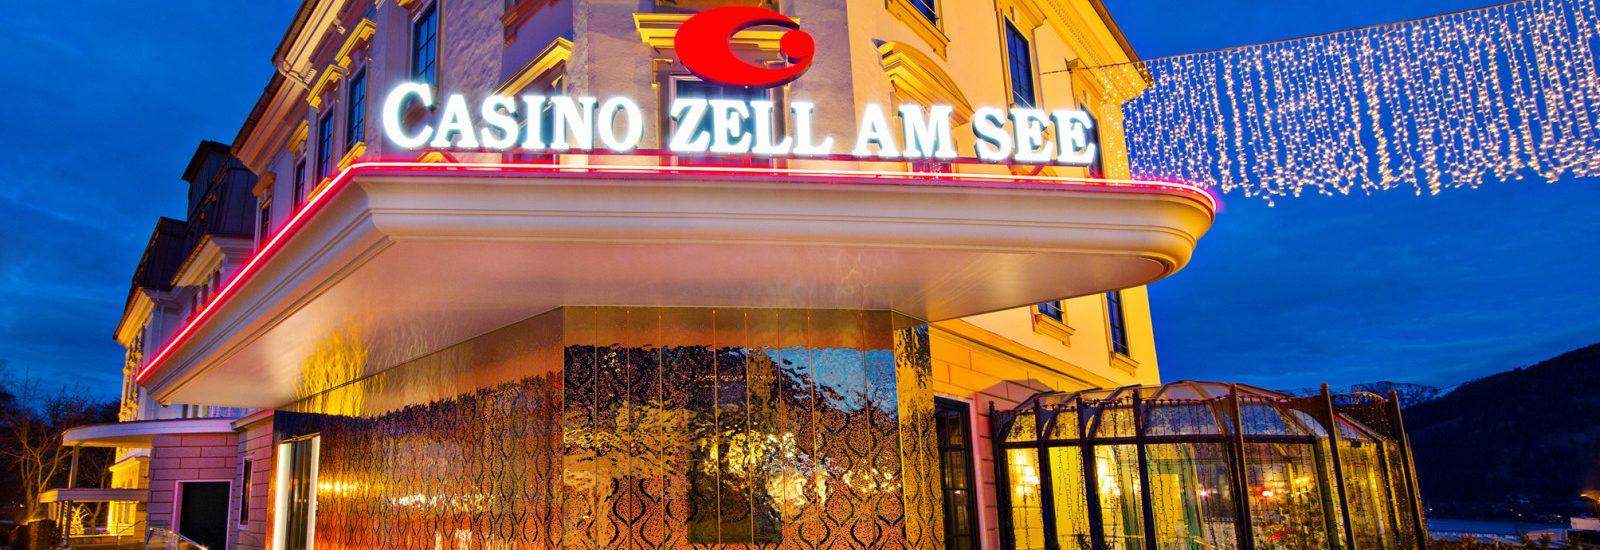 casino spiele zipper ohne anmeldung spielen